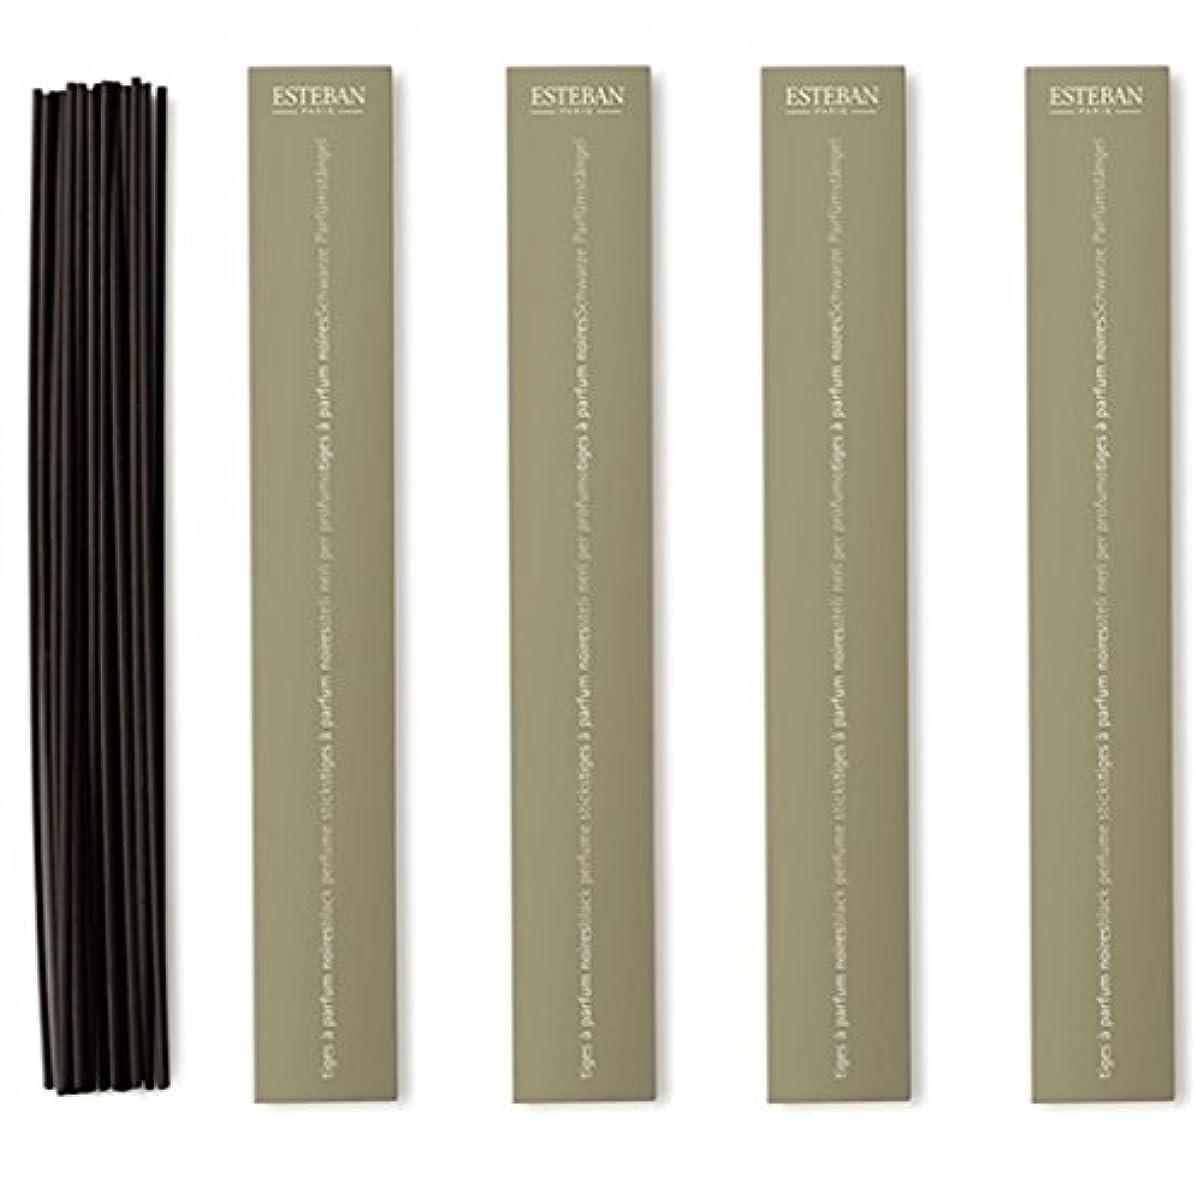 検出可能ウェイトレス瞑想的エステバン 黒ラタンスティック リフィル18本入 4個セット